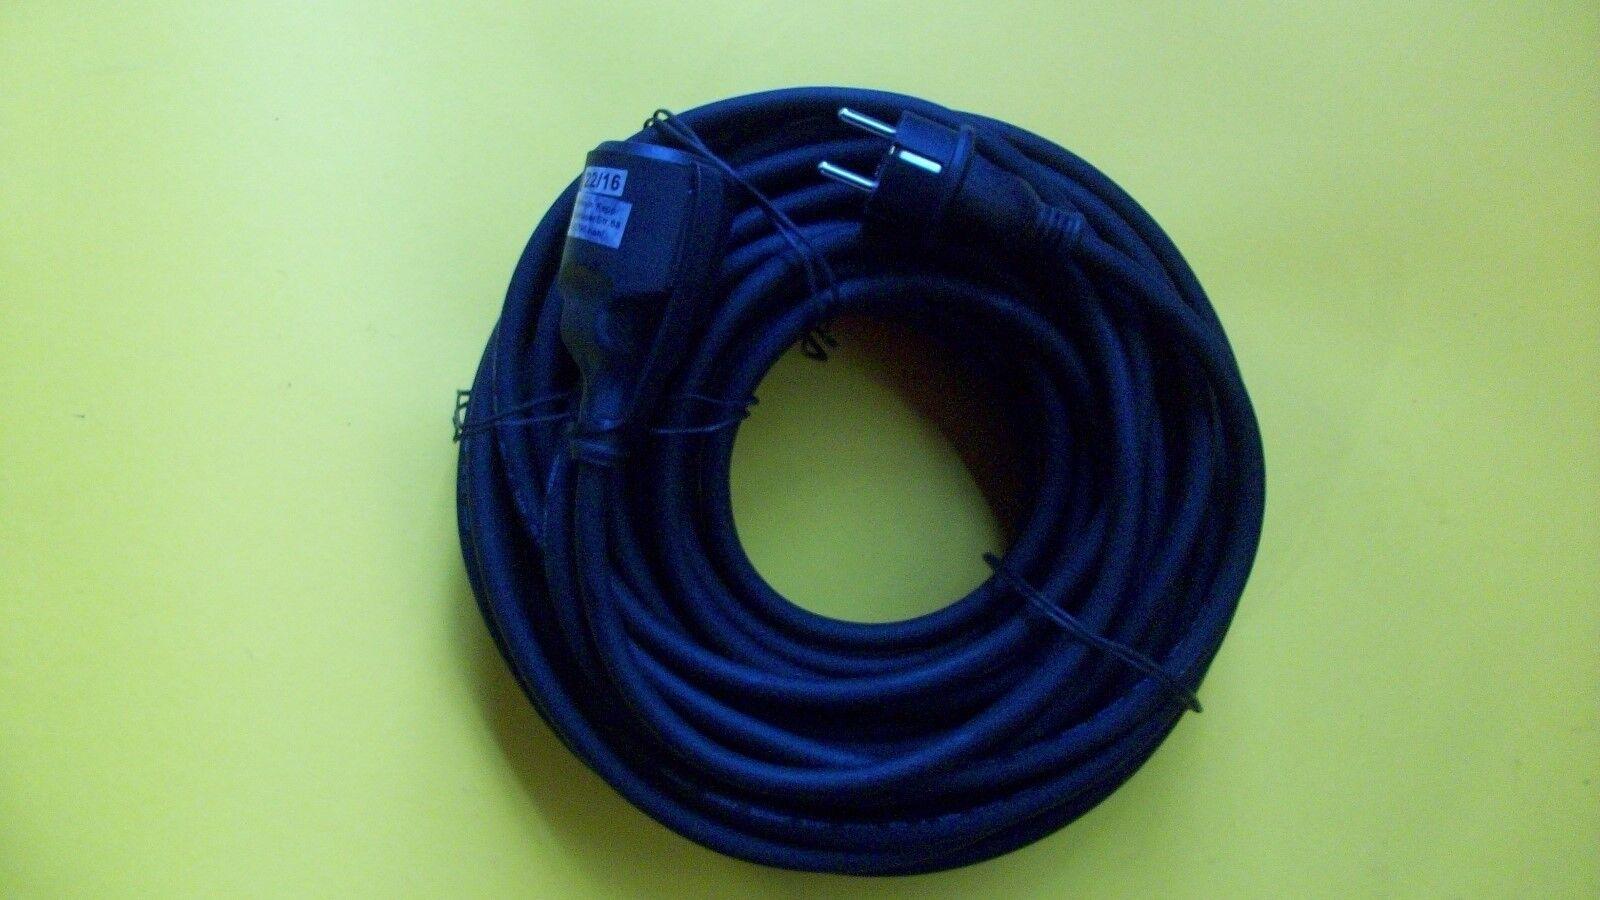 KOPP Gummi  Verlängerung 25m  IP44 schwarz | Starke Hitze- und Abnutzungsbeständigkeit